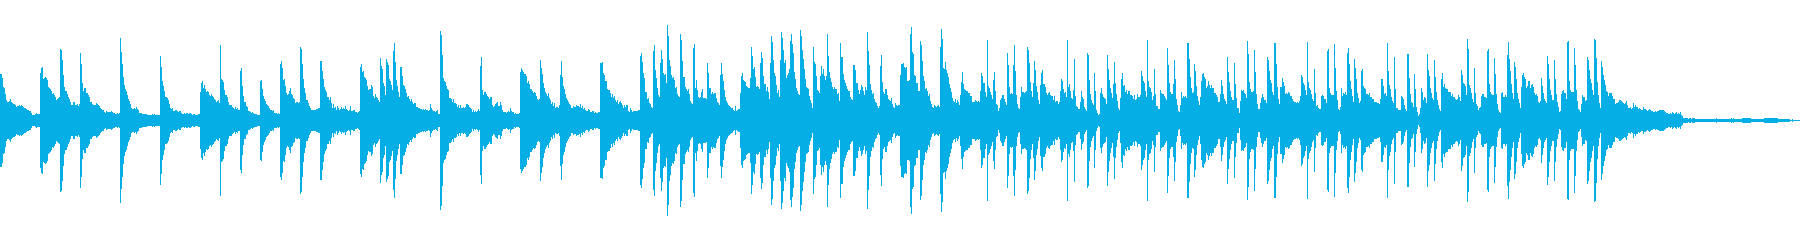 【1分版】穏やかで優しい雰囲気のピアノ曲の再生済みの波形